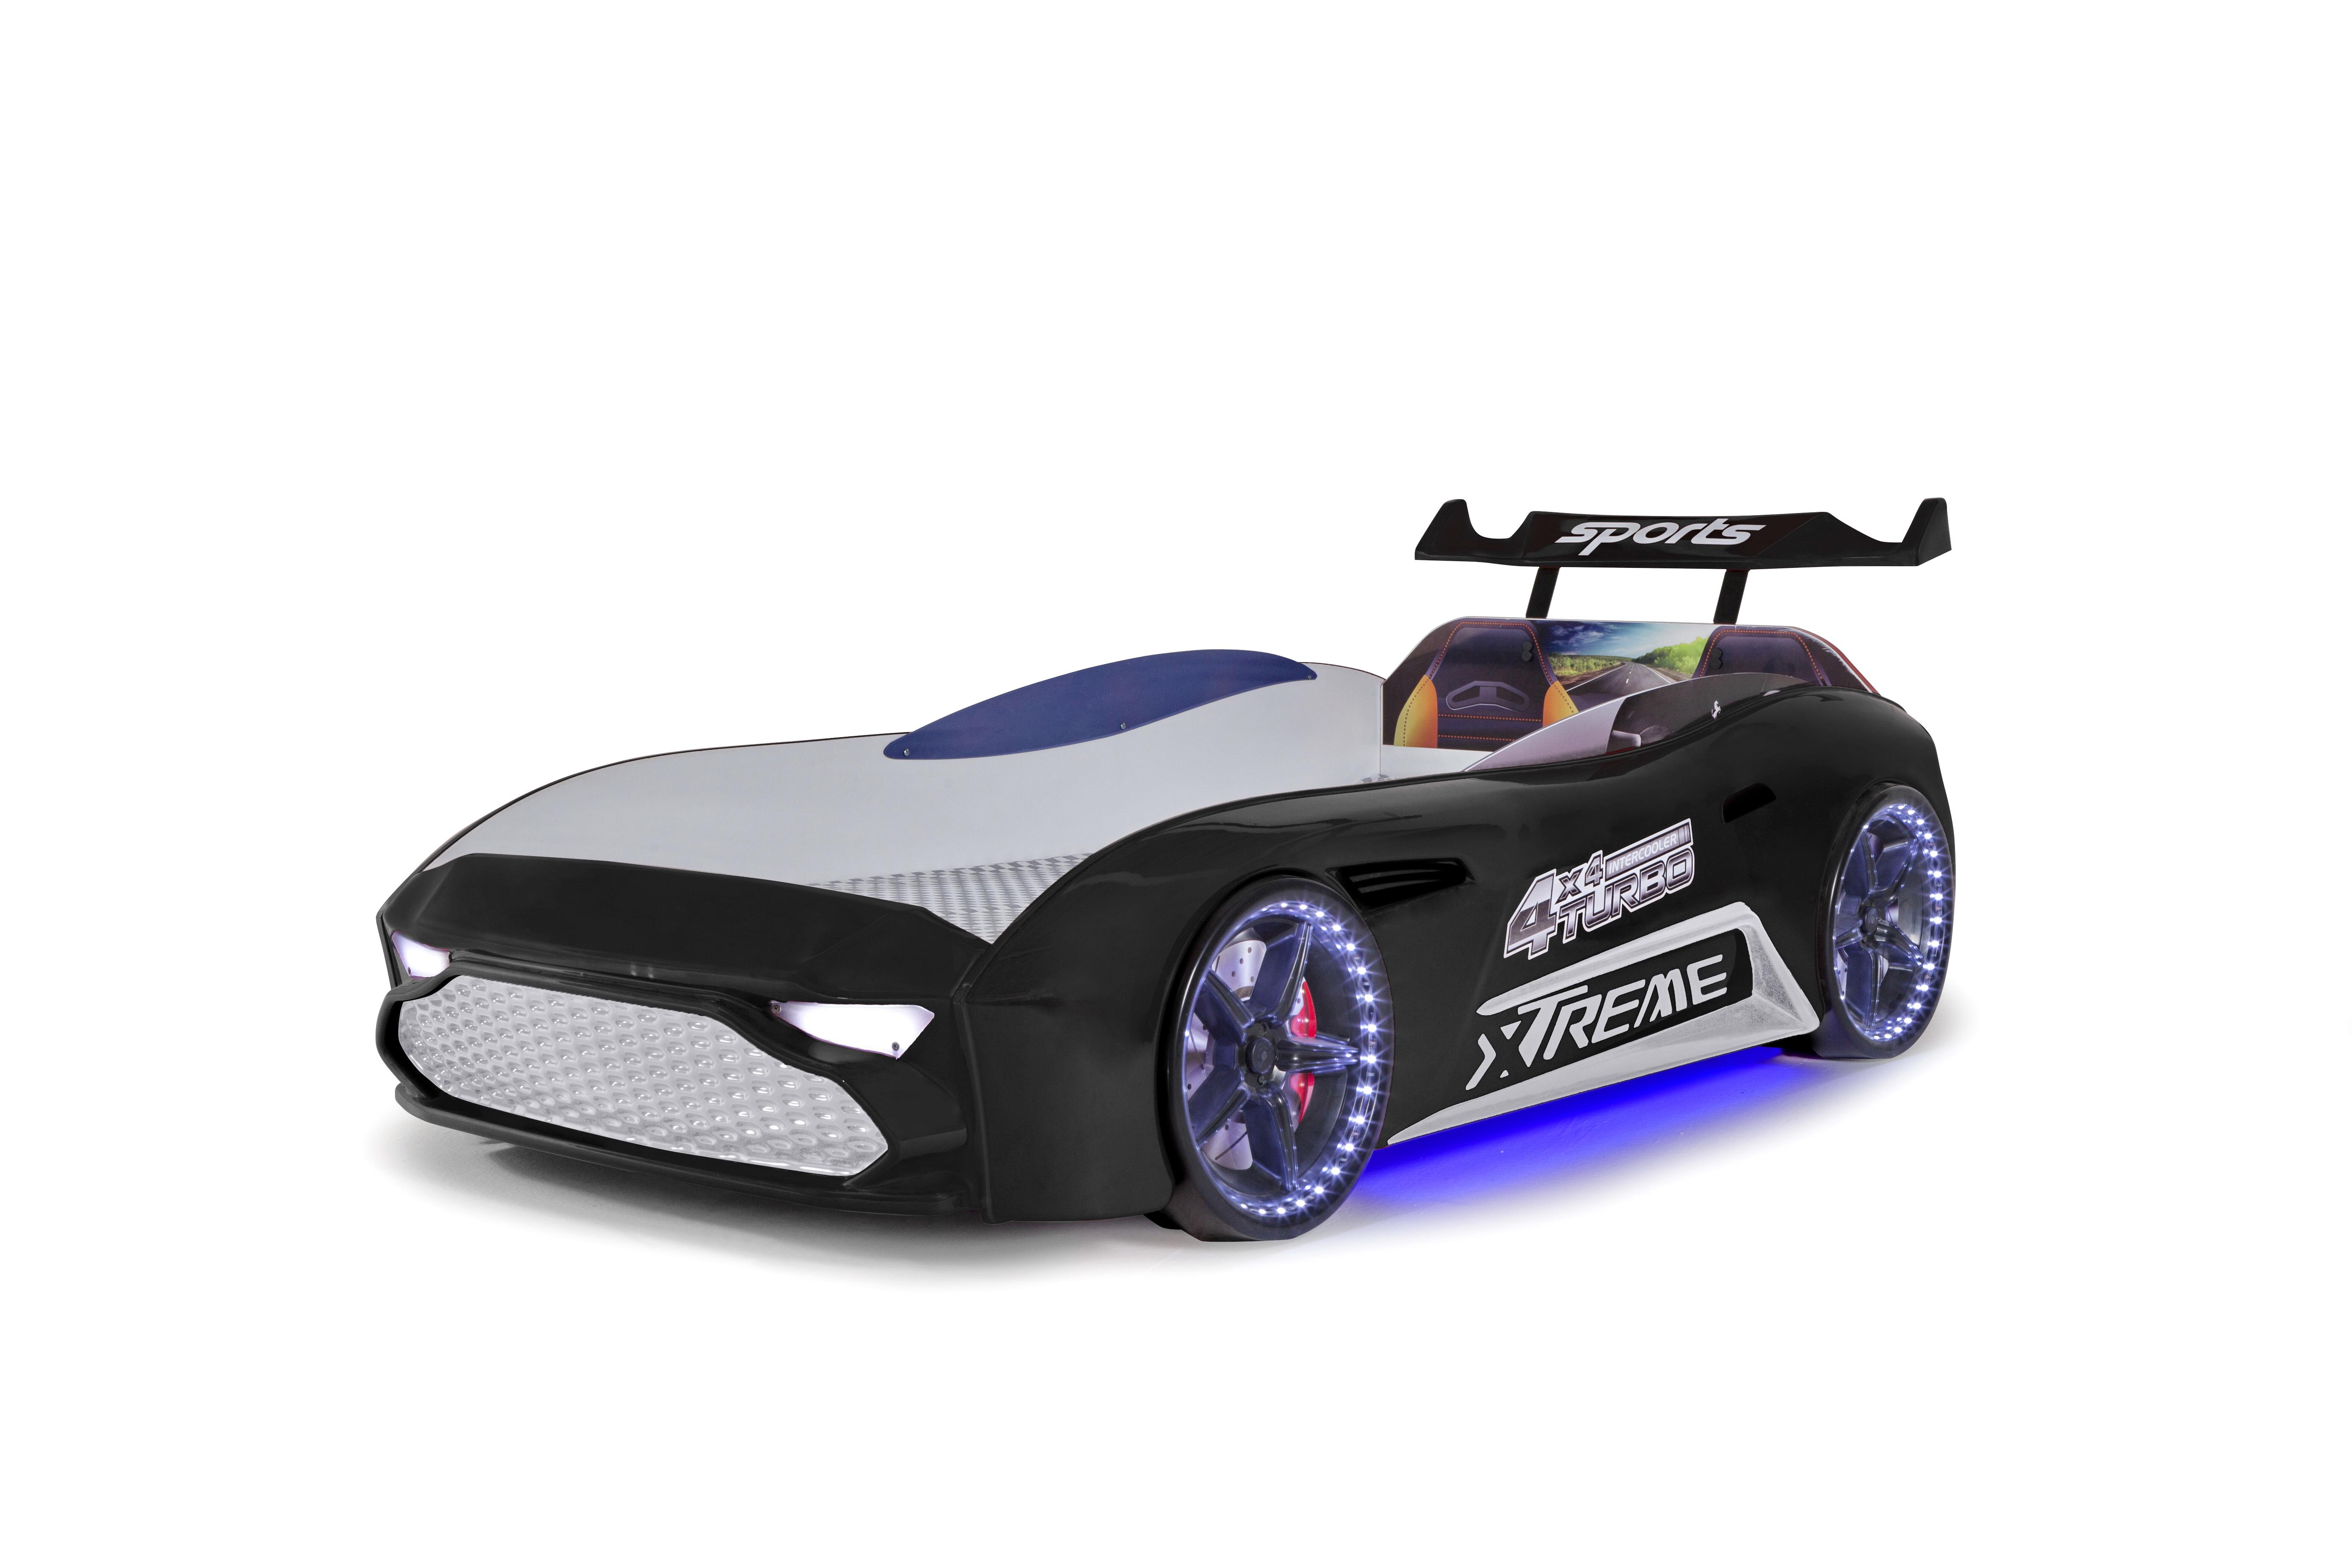 Autobett GT18 Turbo 4x4 Extreme Schwarz mit Bluetooth